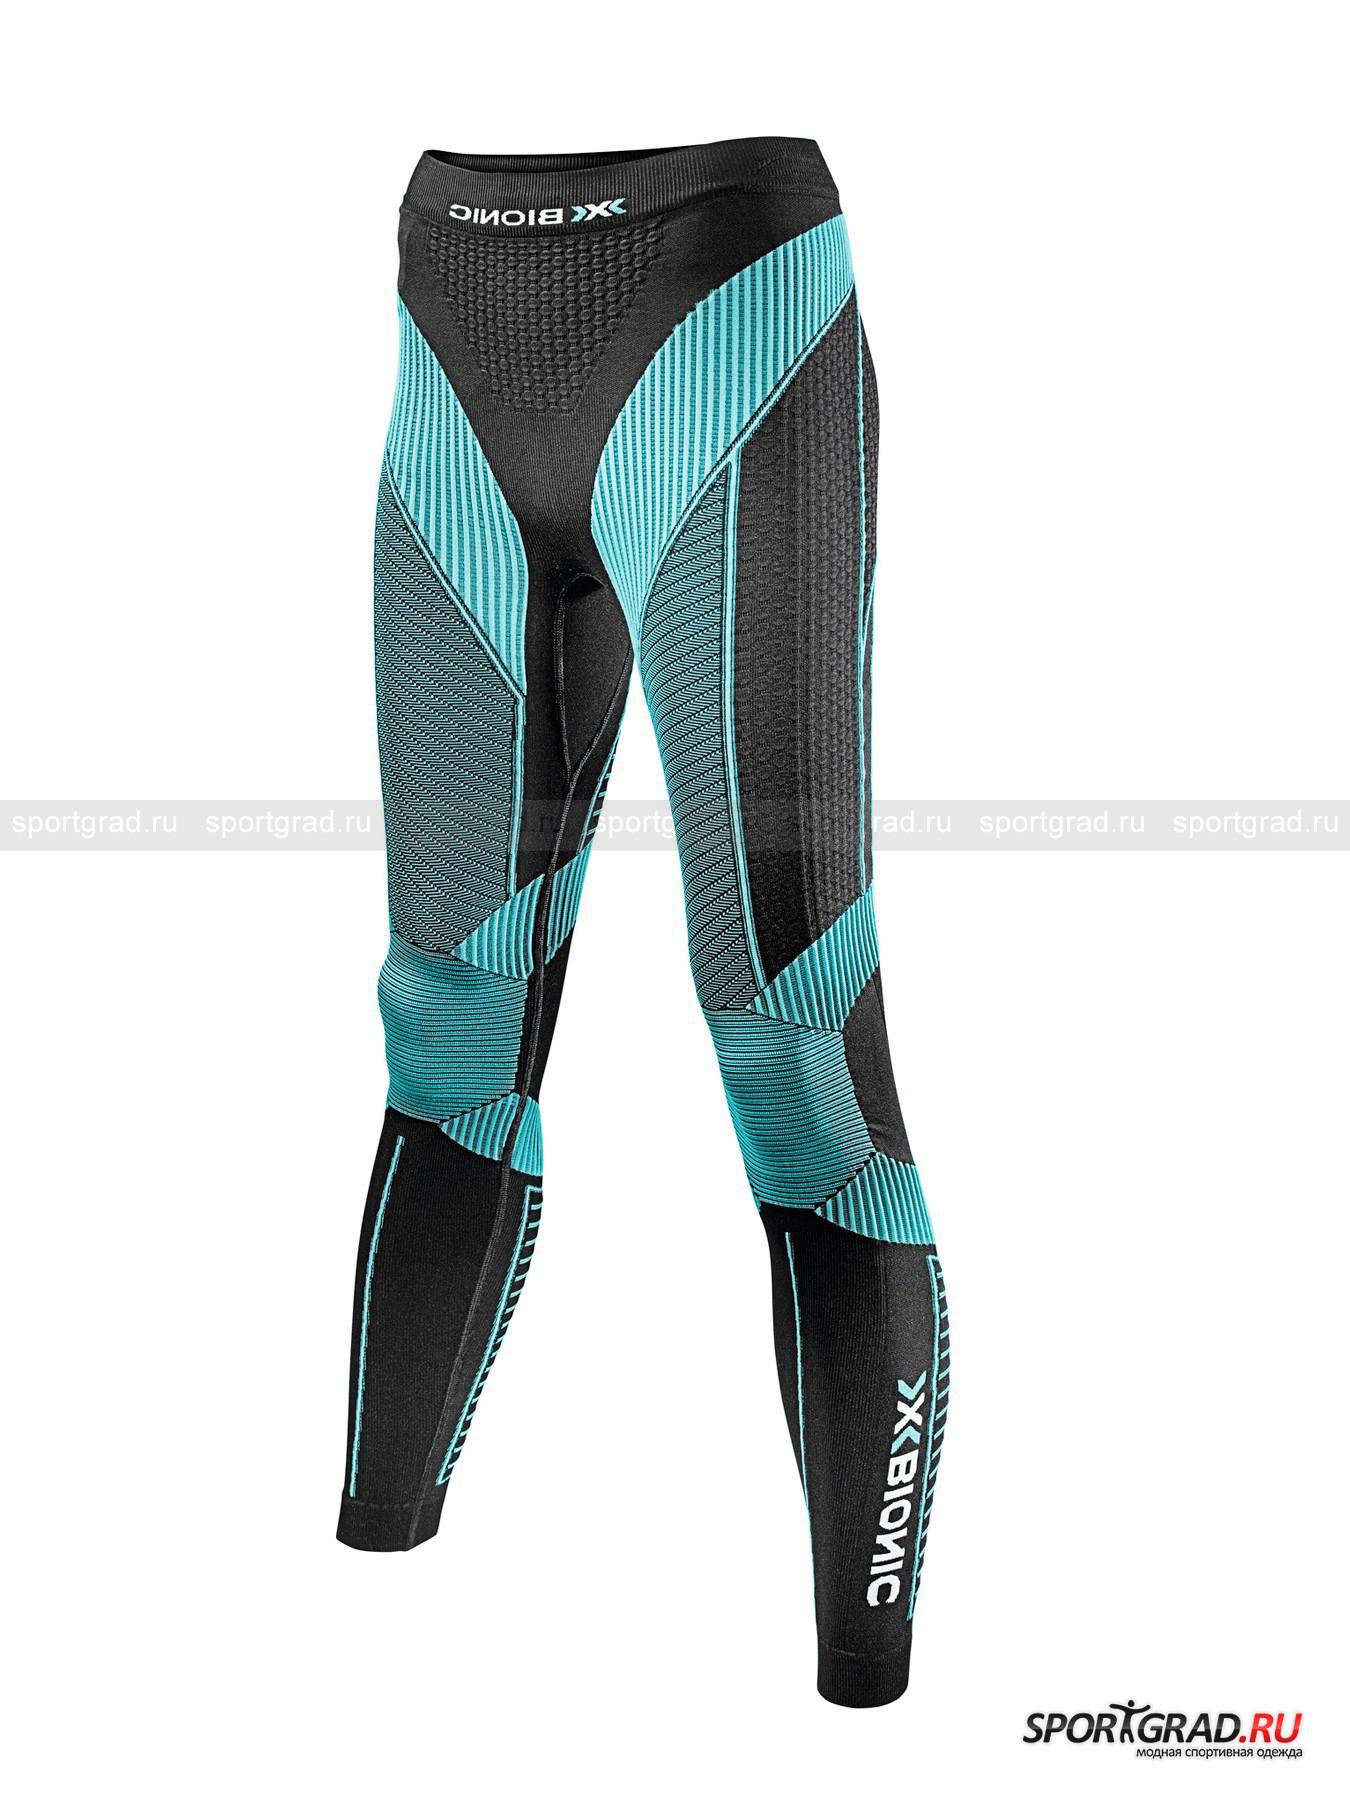 Белье: термолеггинсы женские Effektor power Running pants long X для бега